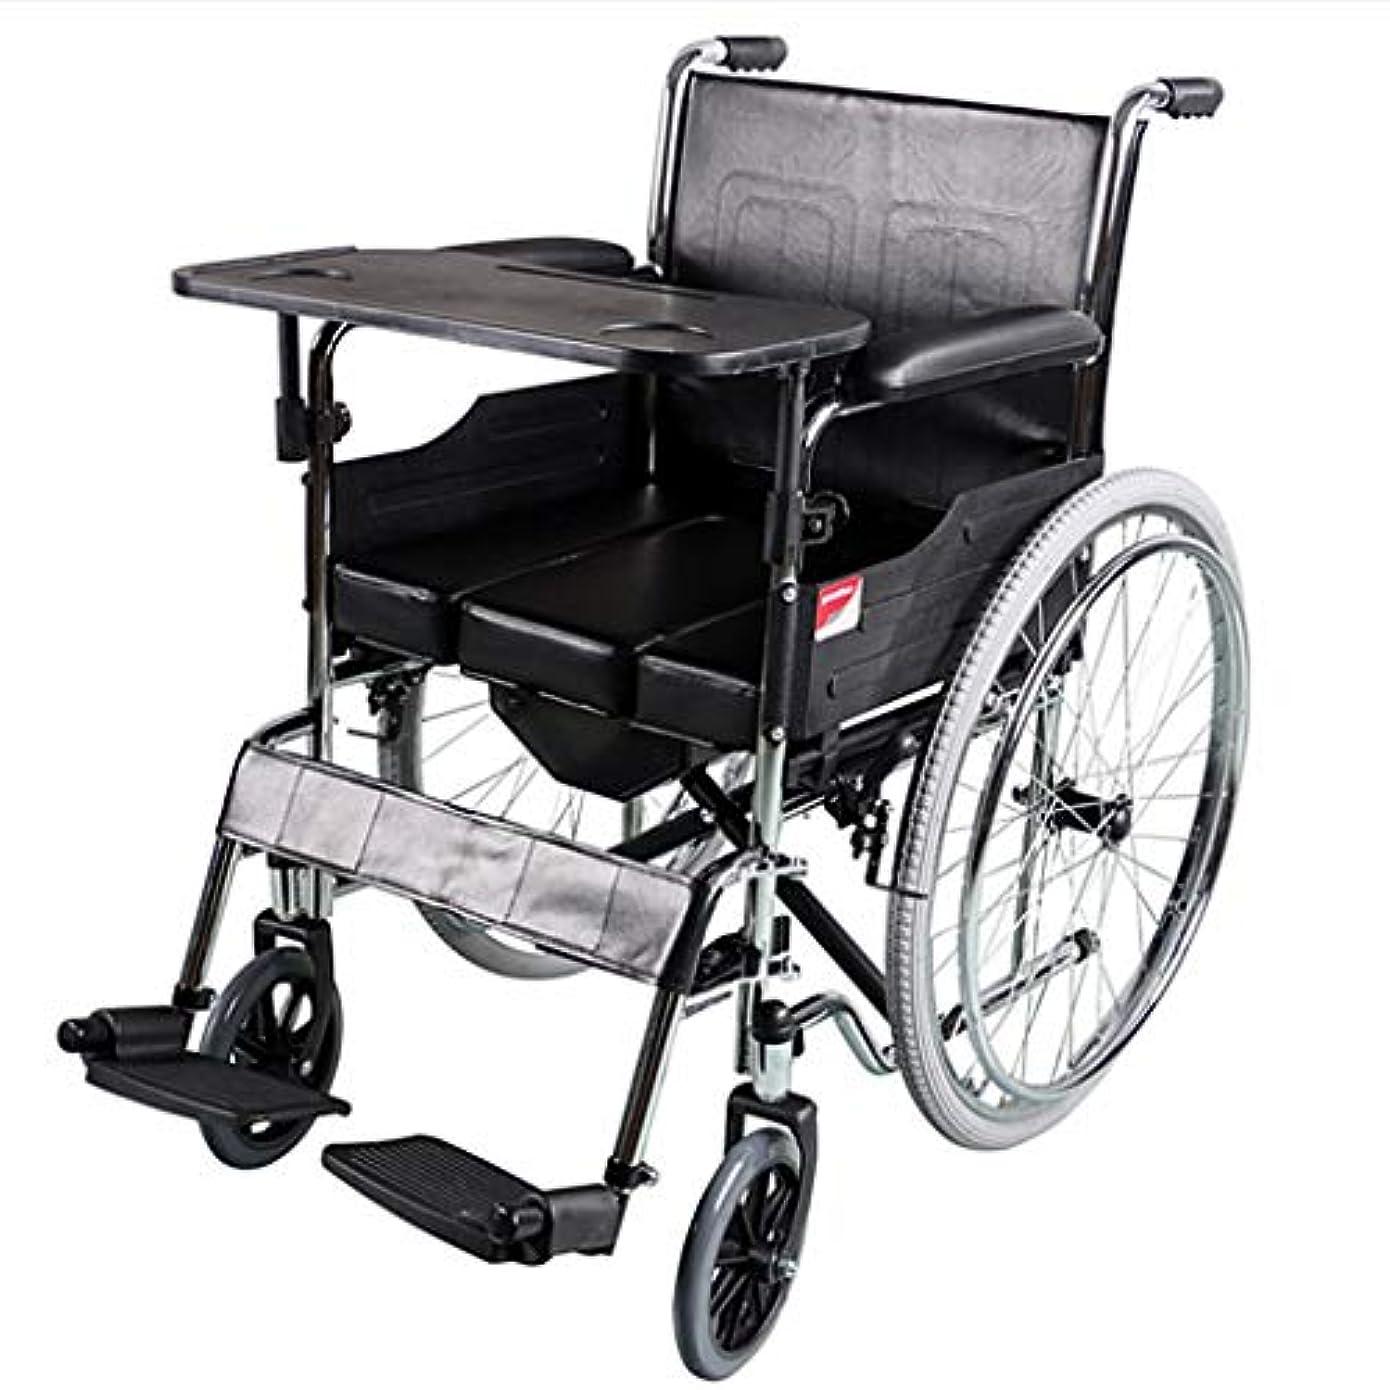 驚いたシプリーバー可動式トイレ/折りたたみ式/統合型車椅子、食事用テーブル付き車椅子多機能。高齢者障害者支援